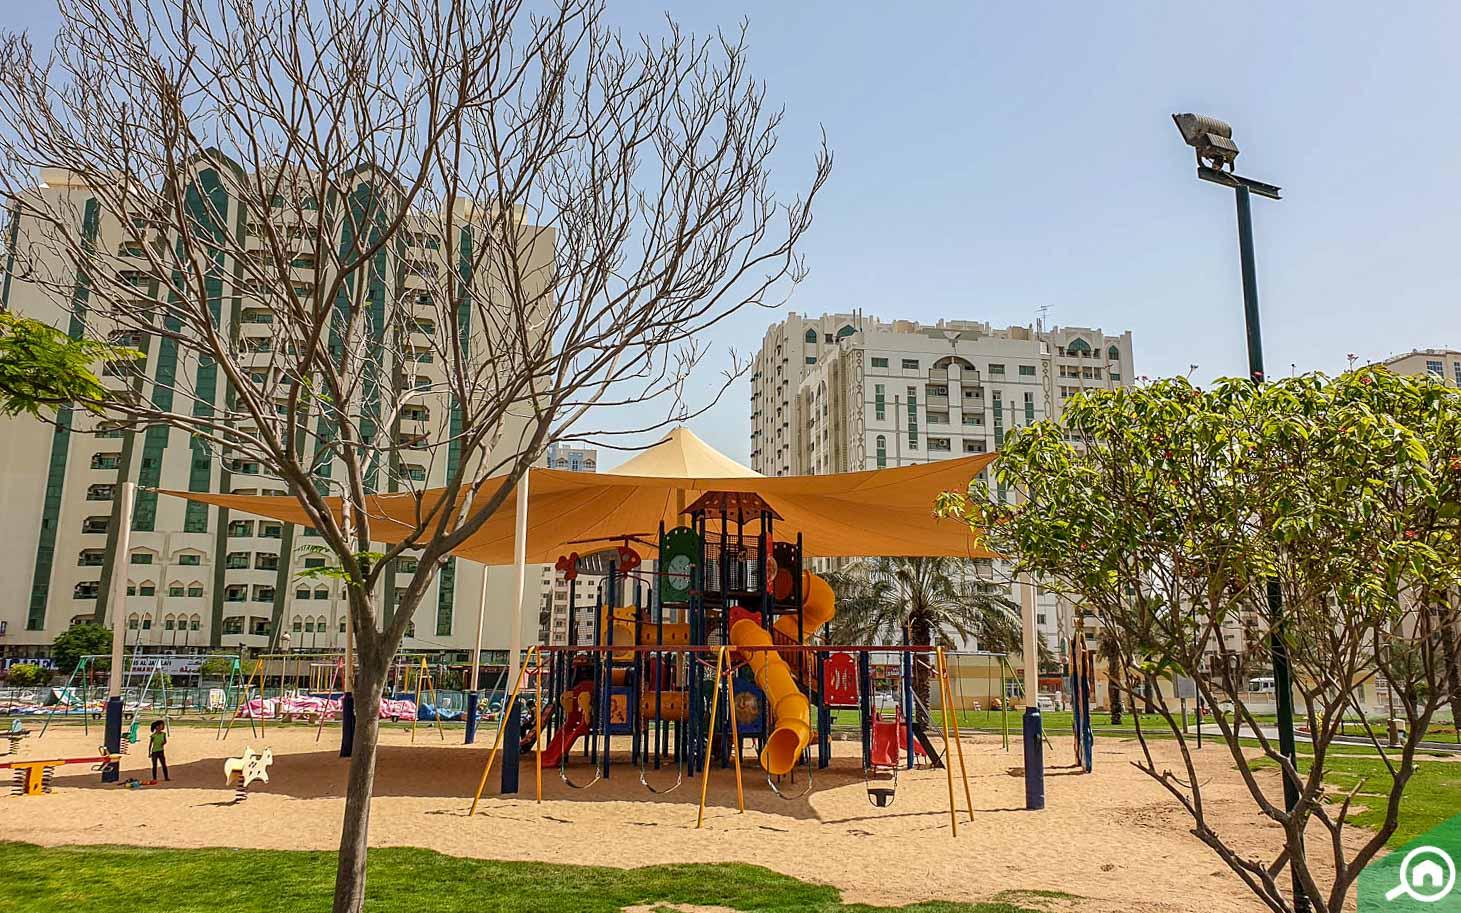 Abu Shagara Park